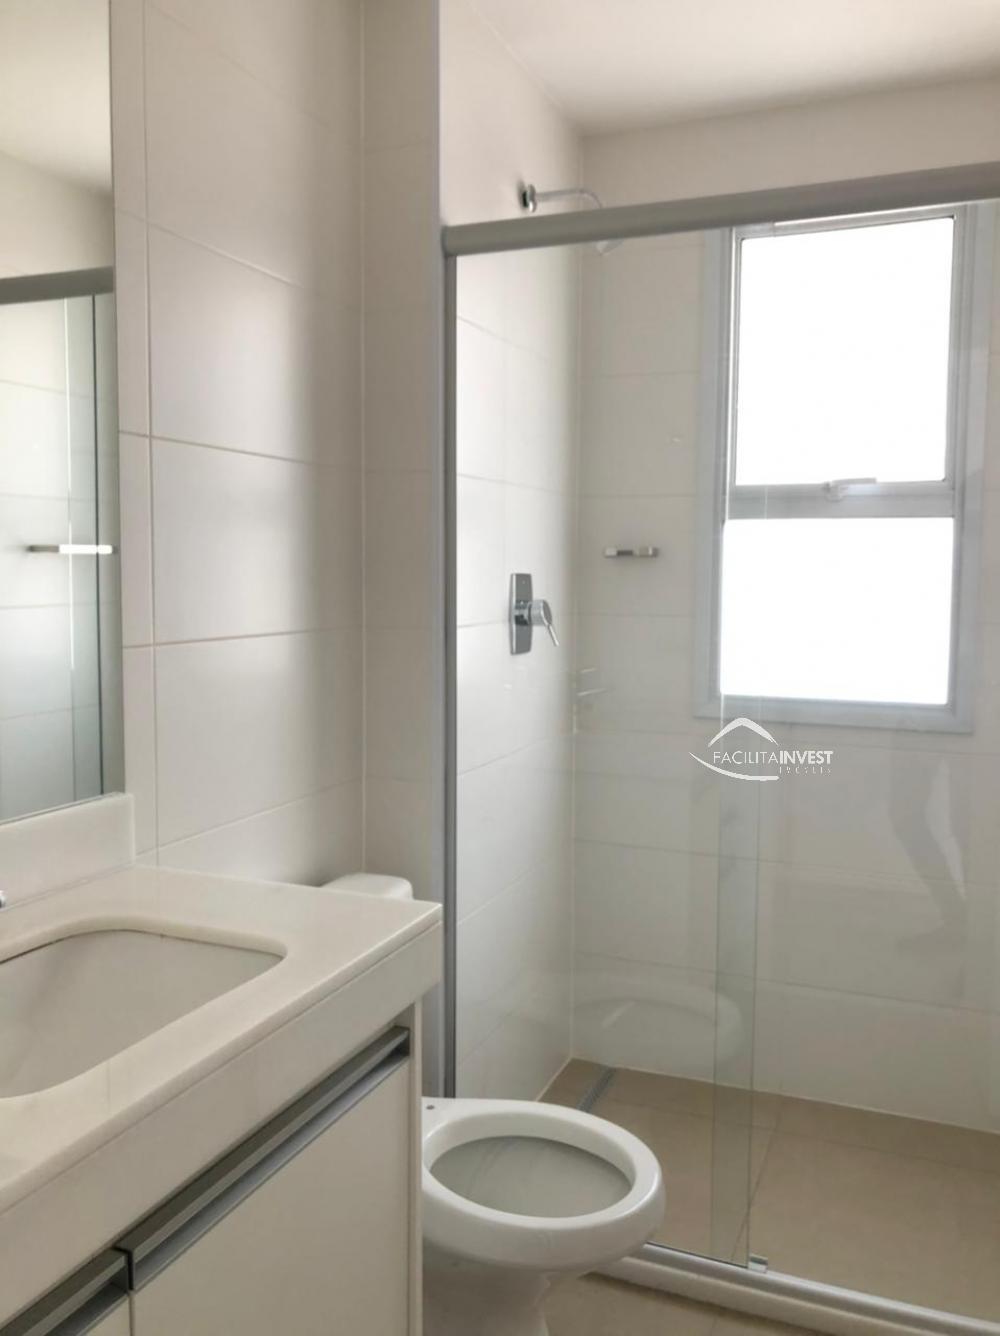 Alugar Apartamentos / Apart. Padrão em Ribeirão Preto R$ 3.200,00 - Foto 13